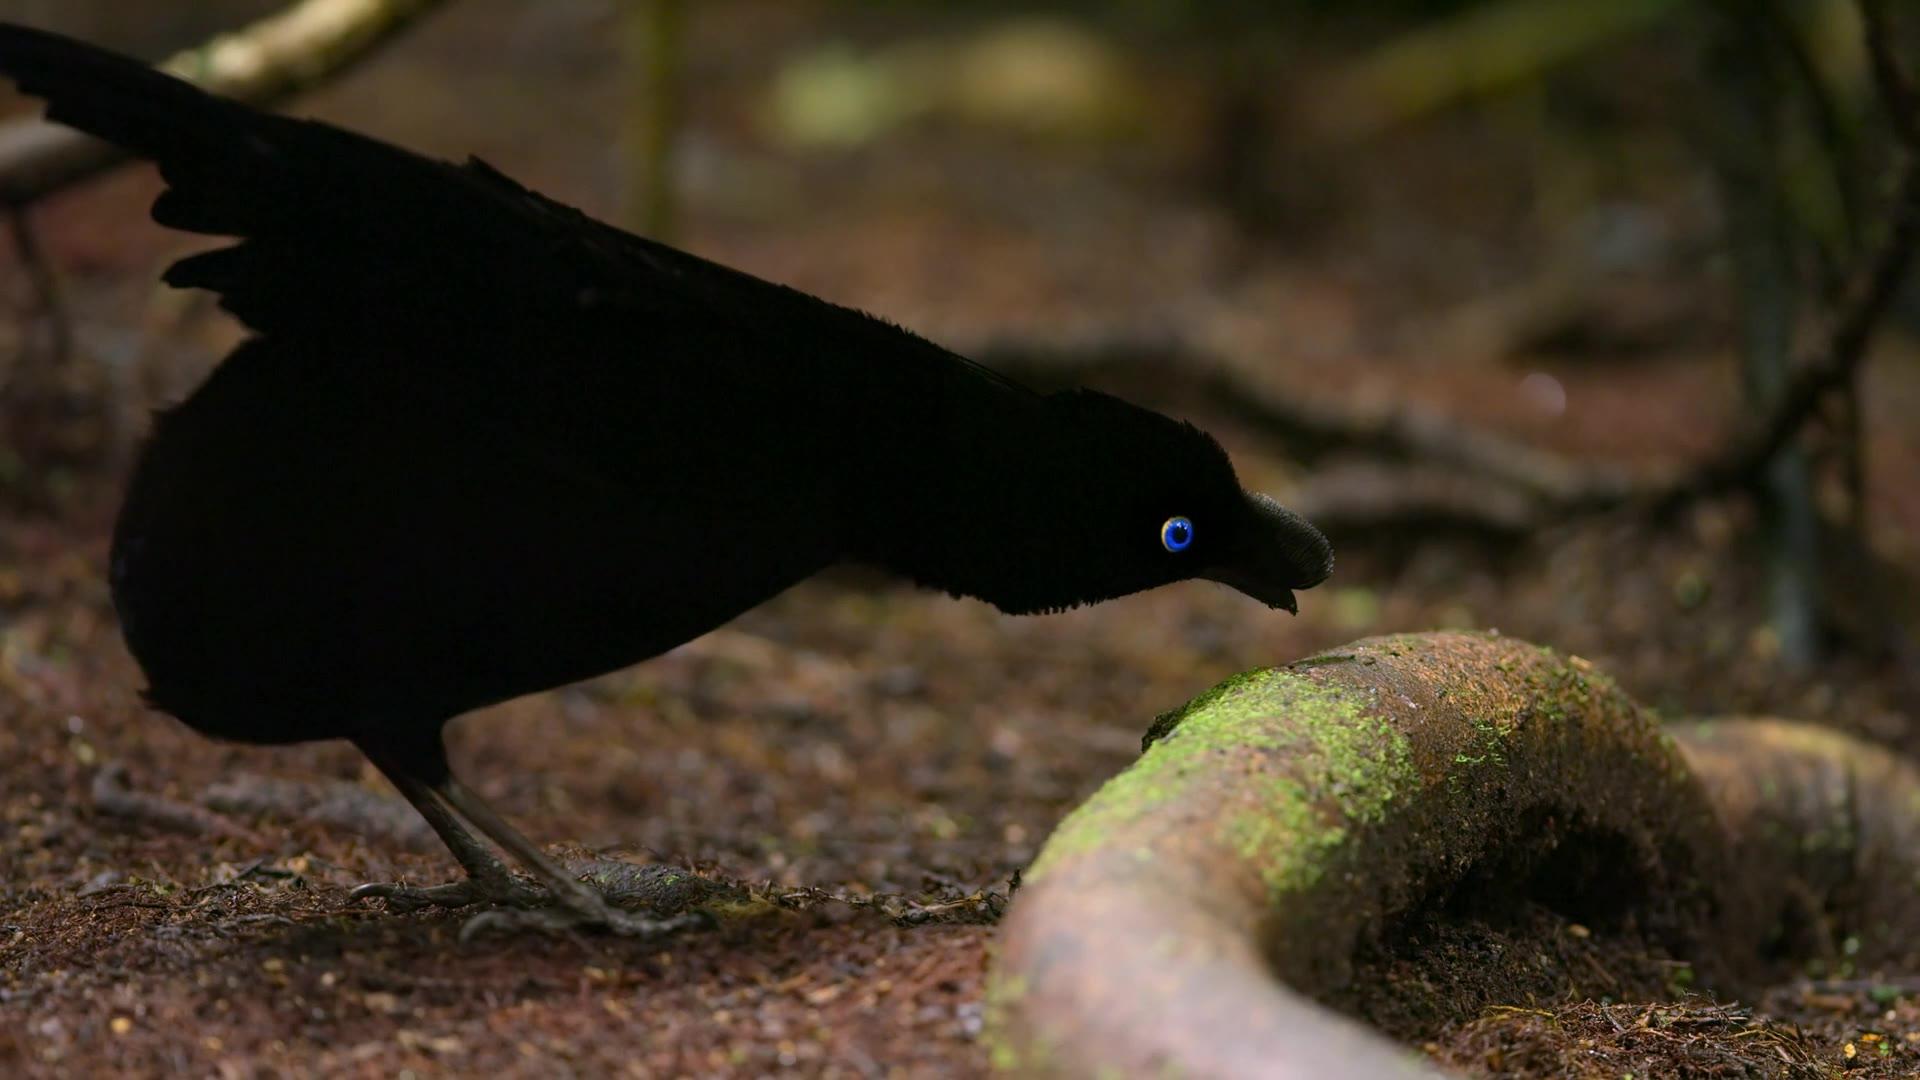 تصاویر حیرت انگیزی از عشق بازی پرنده ای عجیب در جنگل